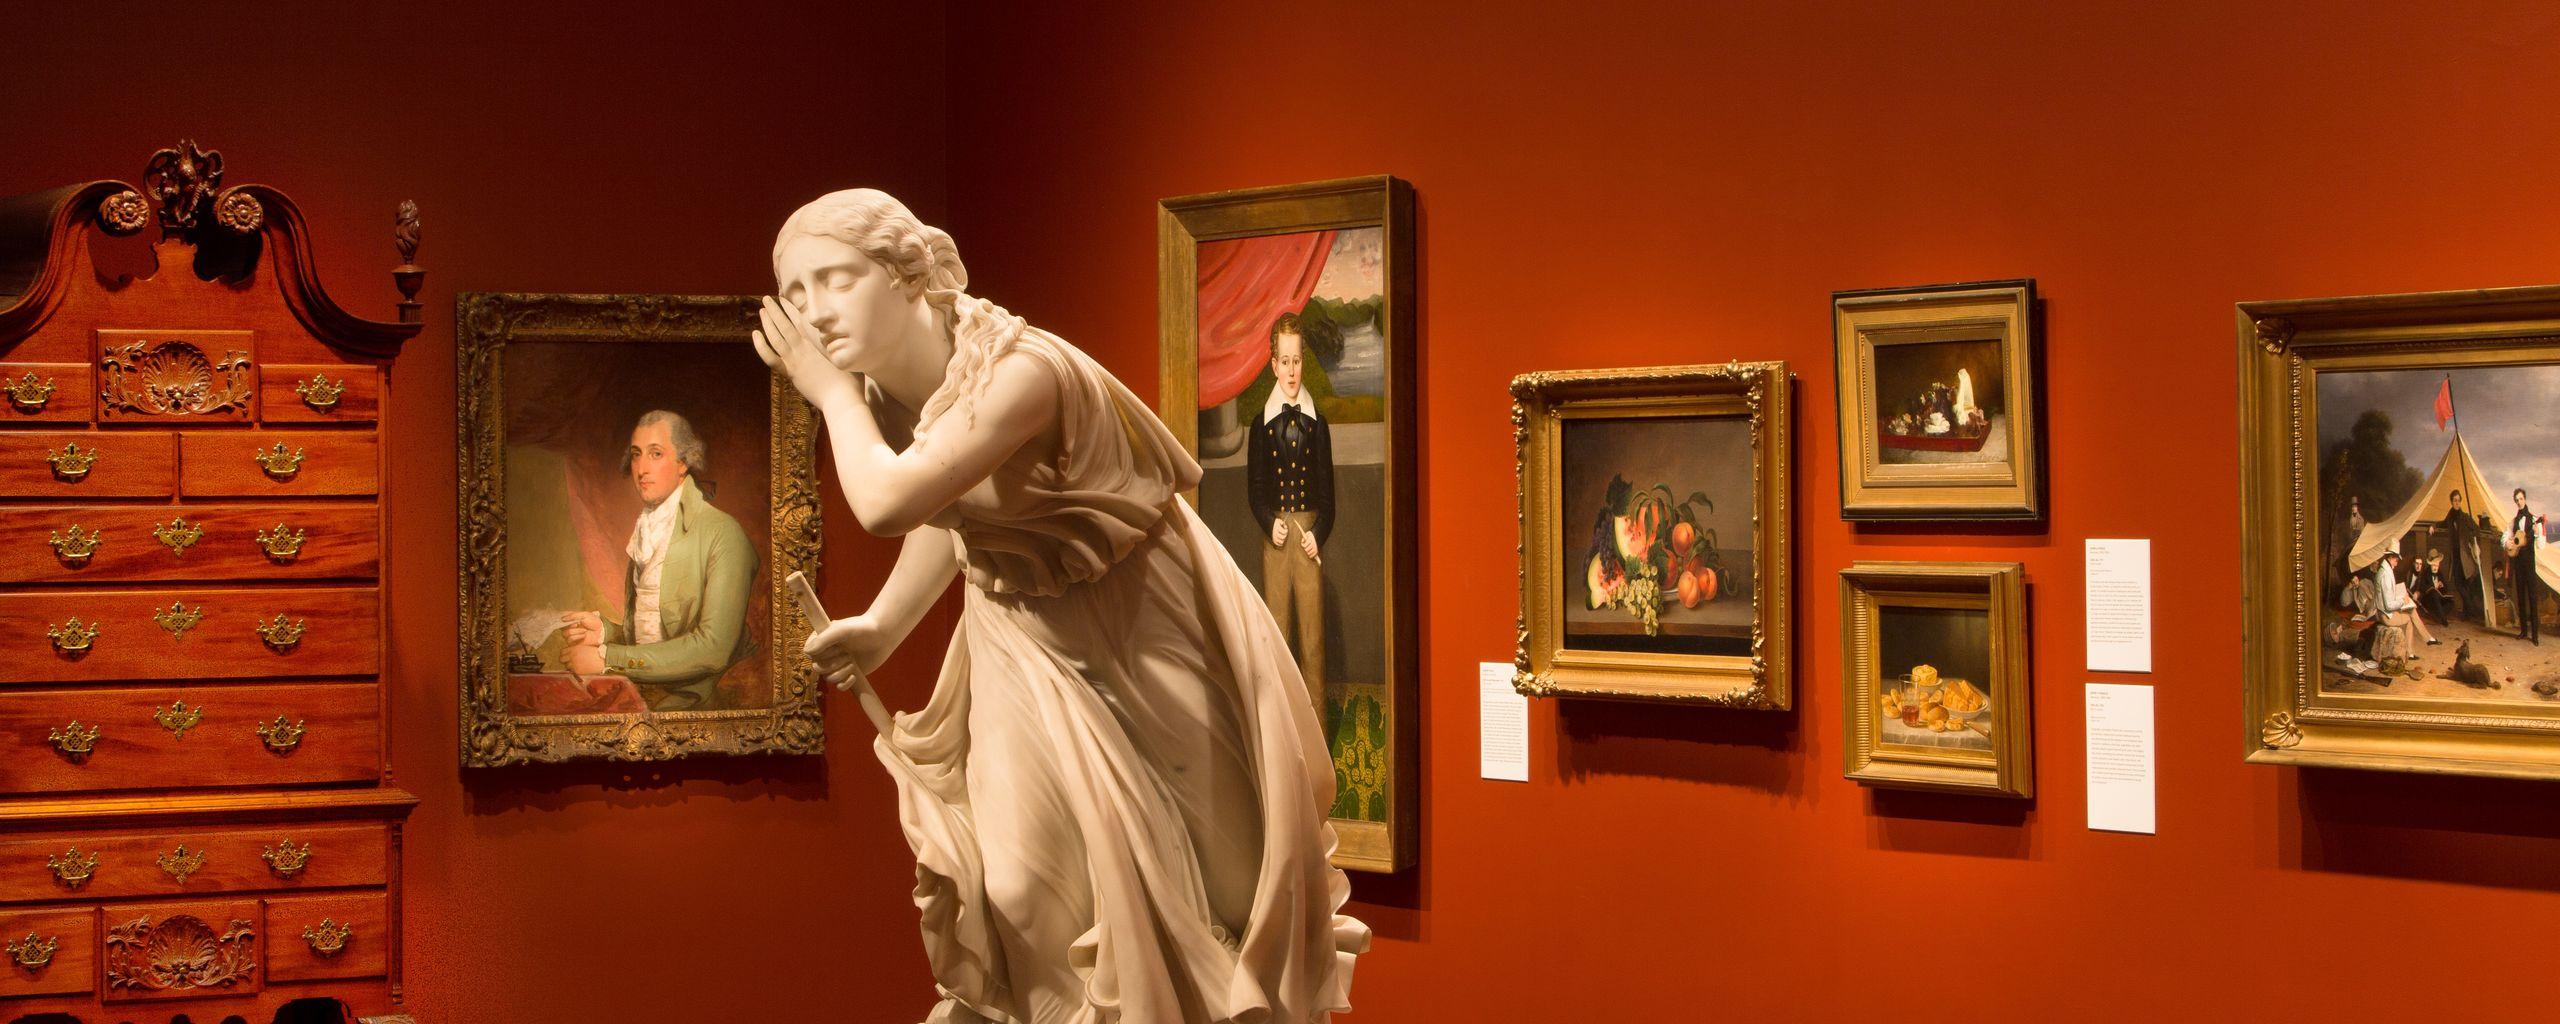 Princeton University Art Museum - Museum usa jobs